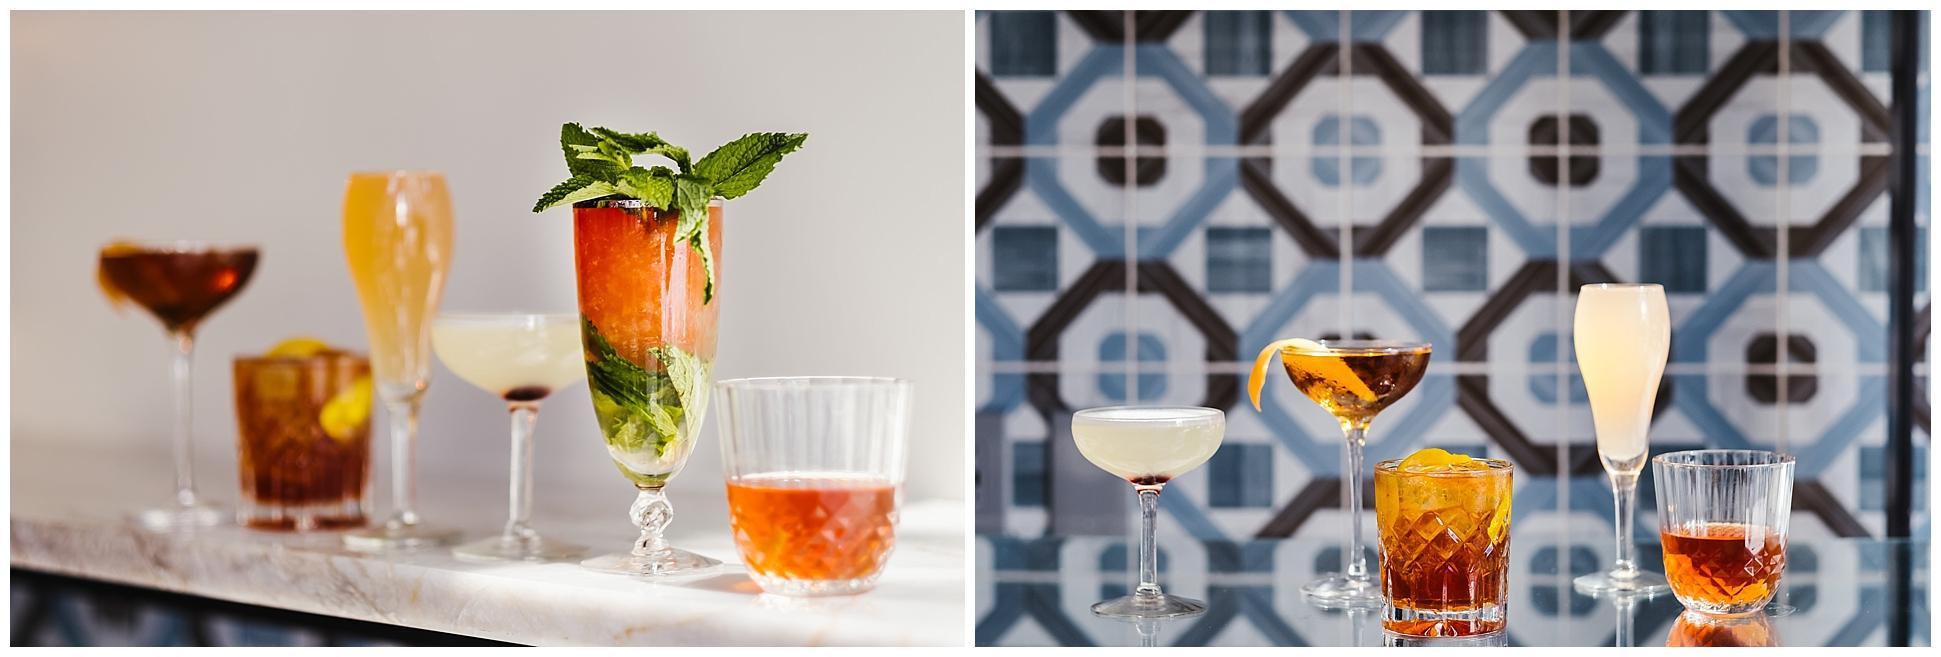 hotel-bar-food-cocktails_6.jpg